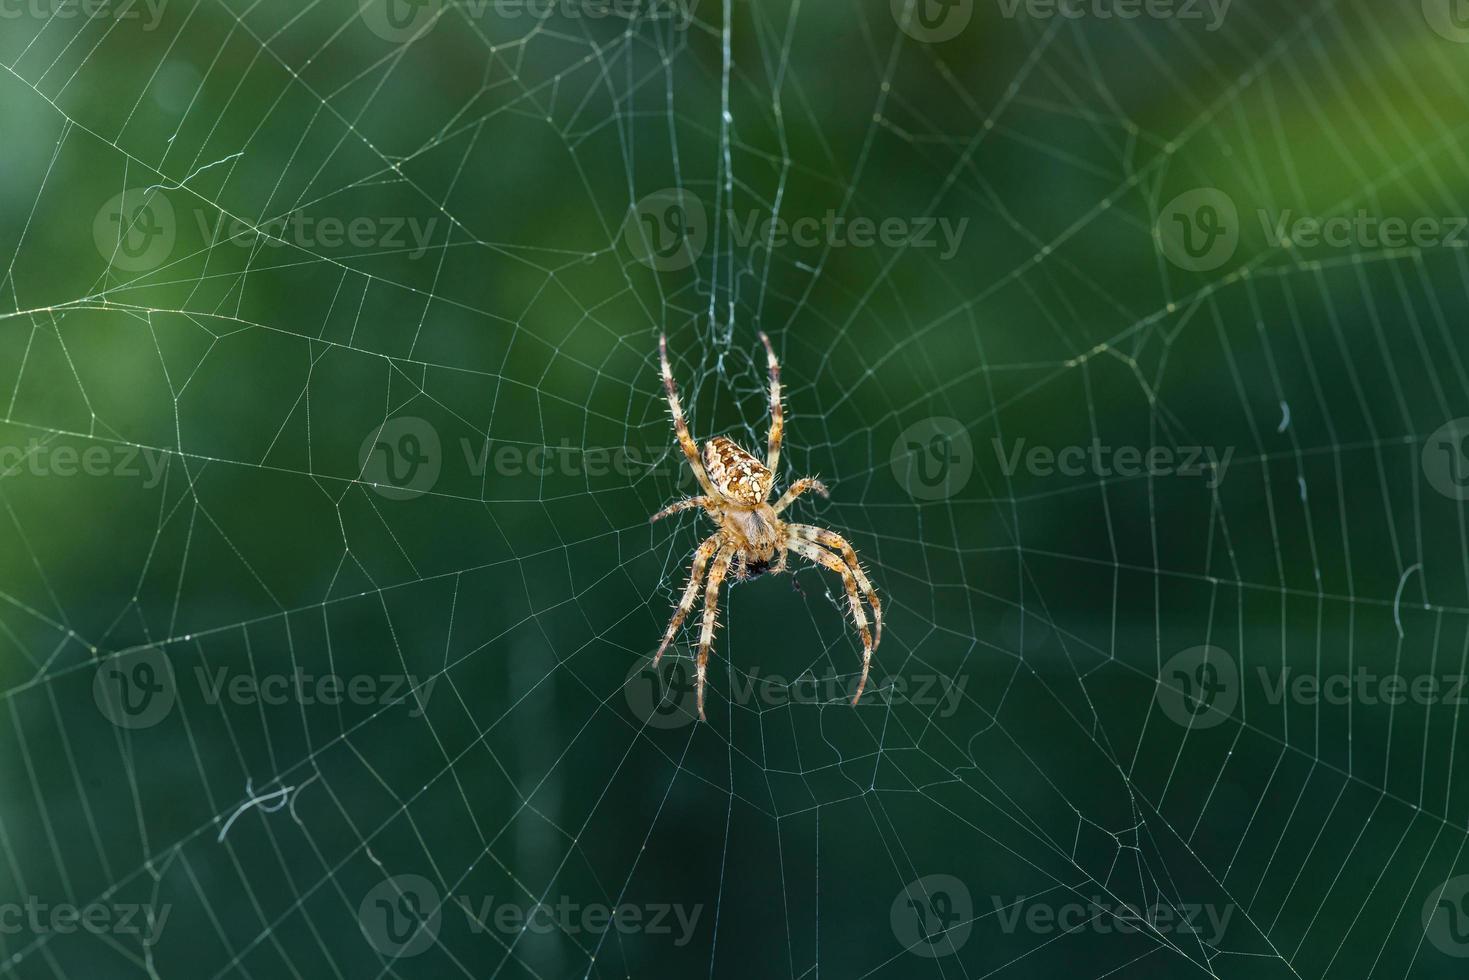 araignée de jardin au centre de la toile photo